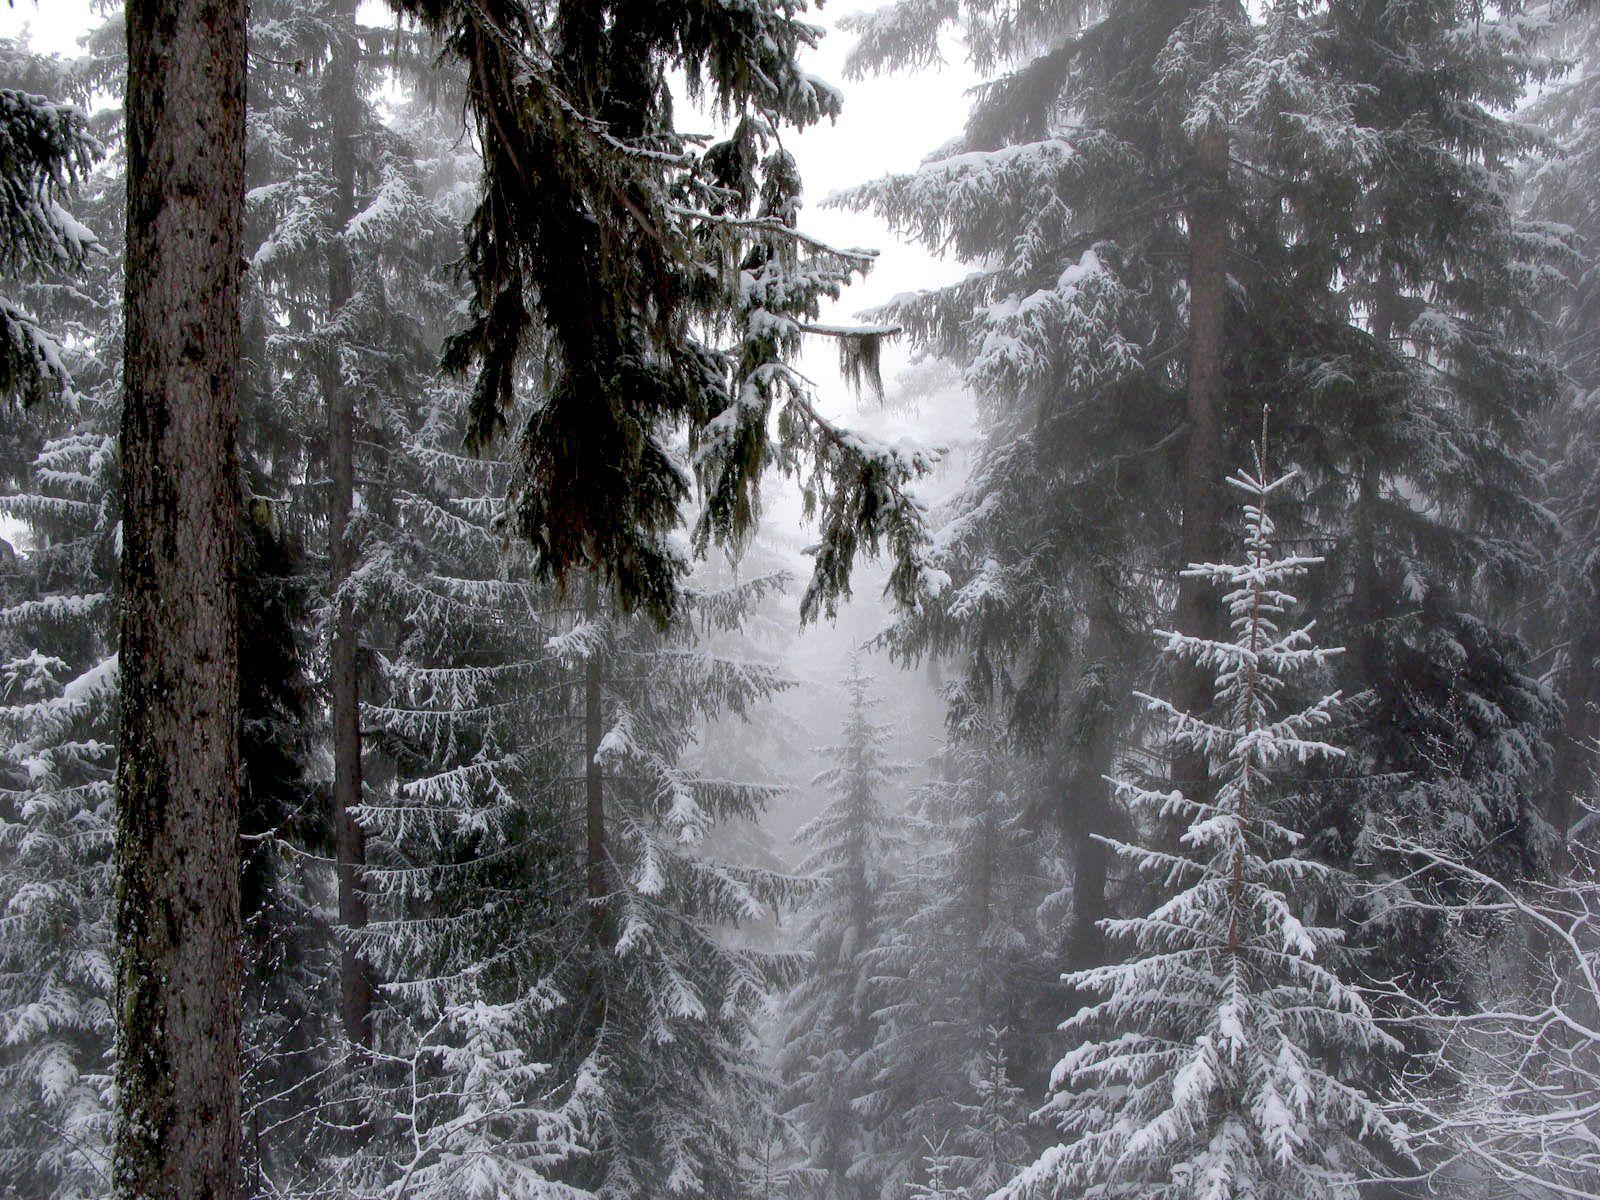 fond d'écran forêt sous la neige